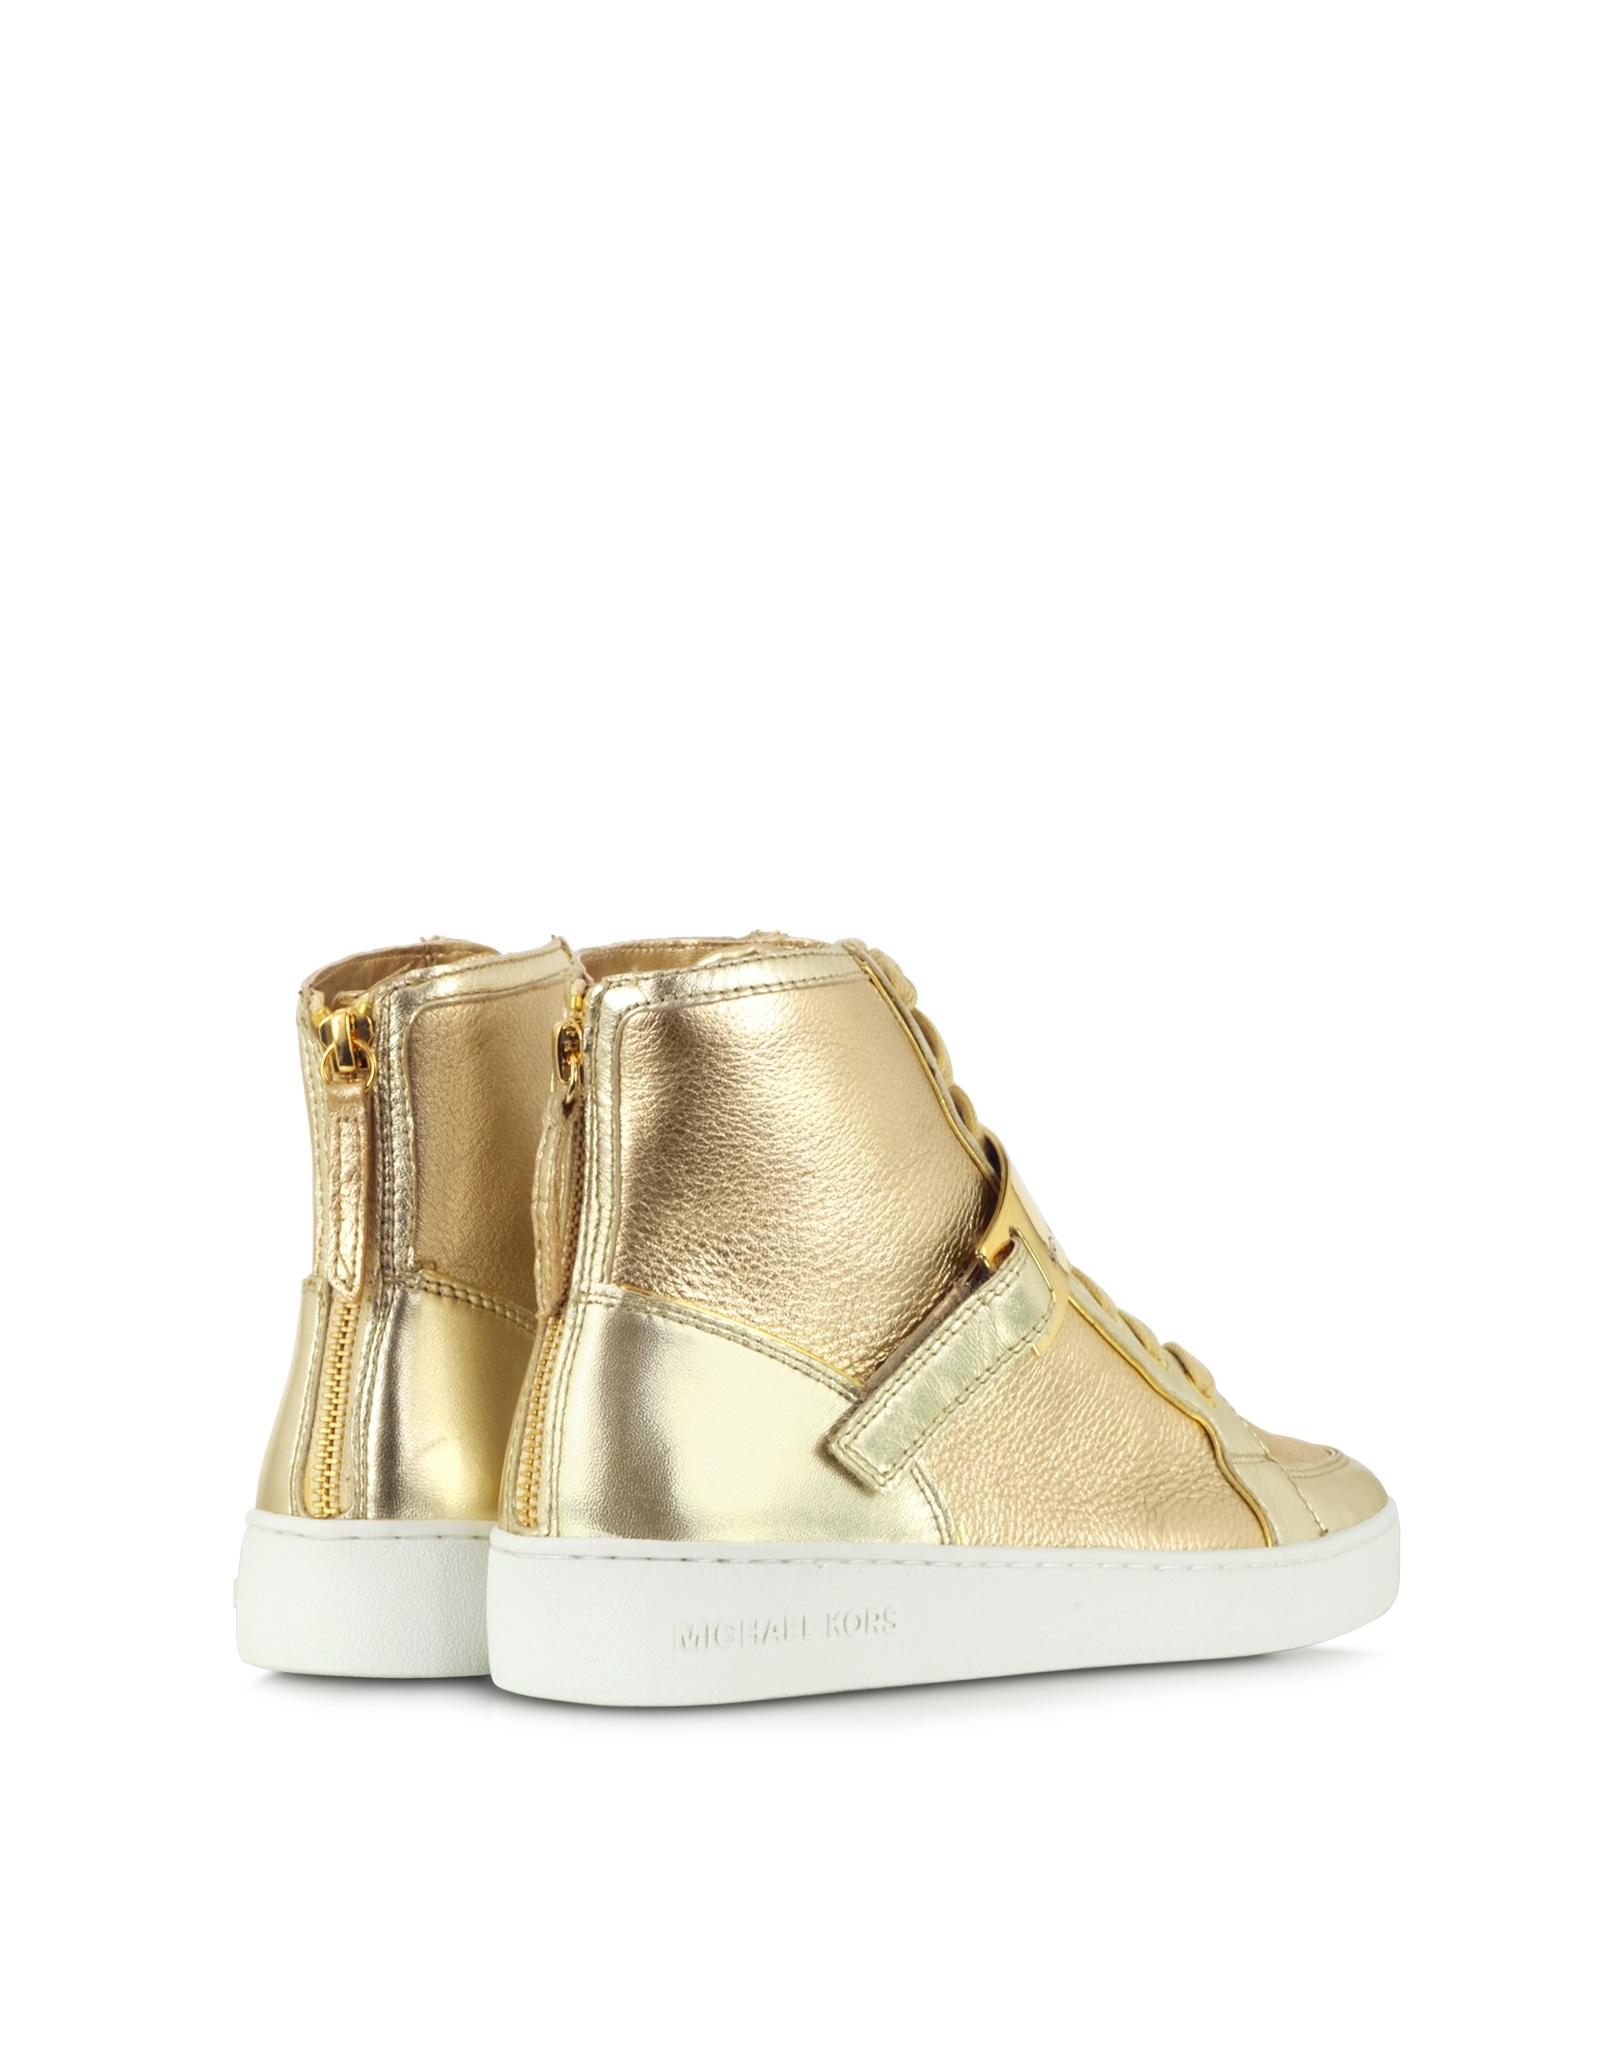 michael kors helen golden metallic high top sneaker in metallic lyst. Black Bedroom Furniture Sets. Home Design Ideas